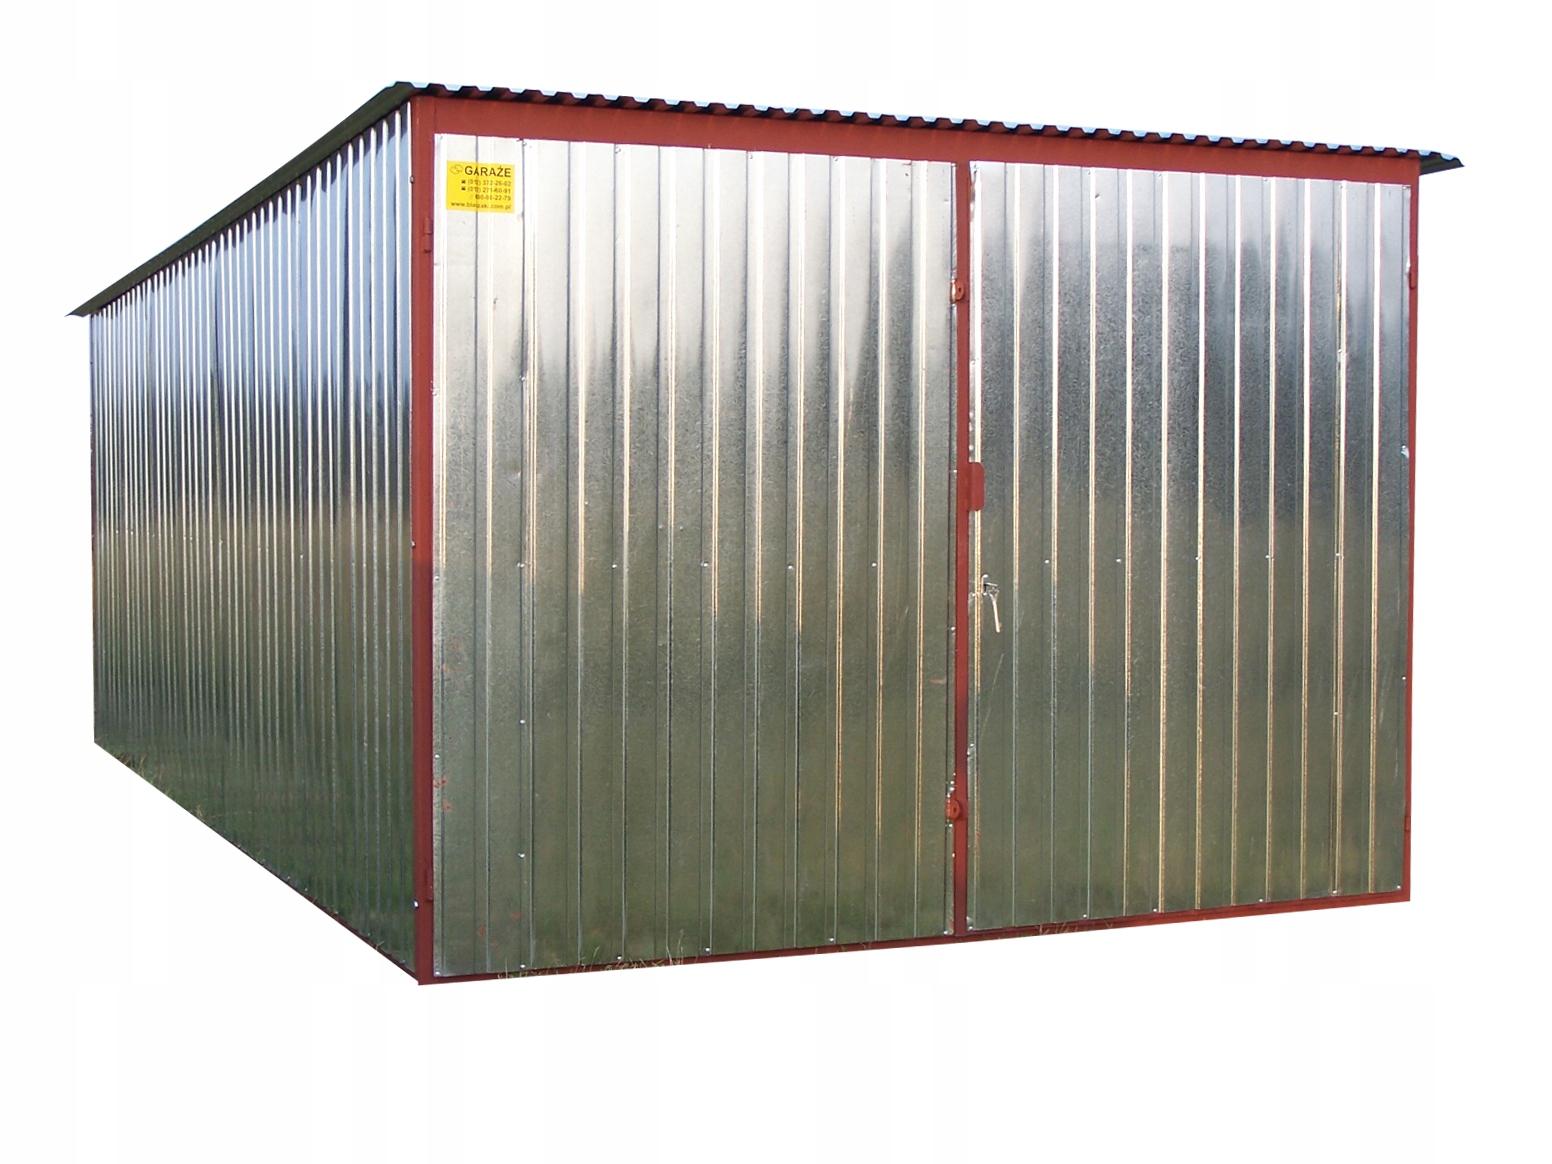 Garaż Blaszany Garaze Blaszane 3x5 Piechowice 6743003298